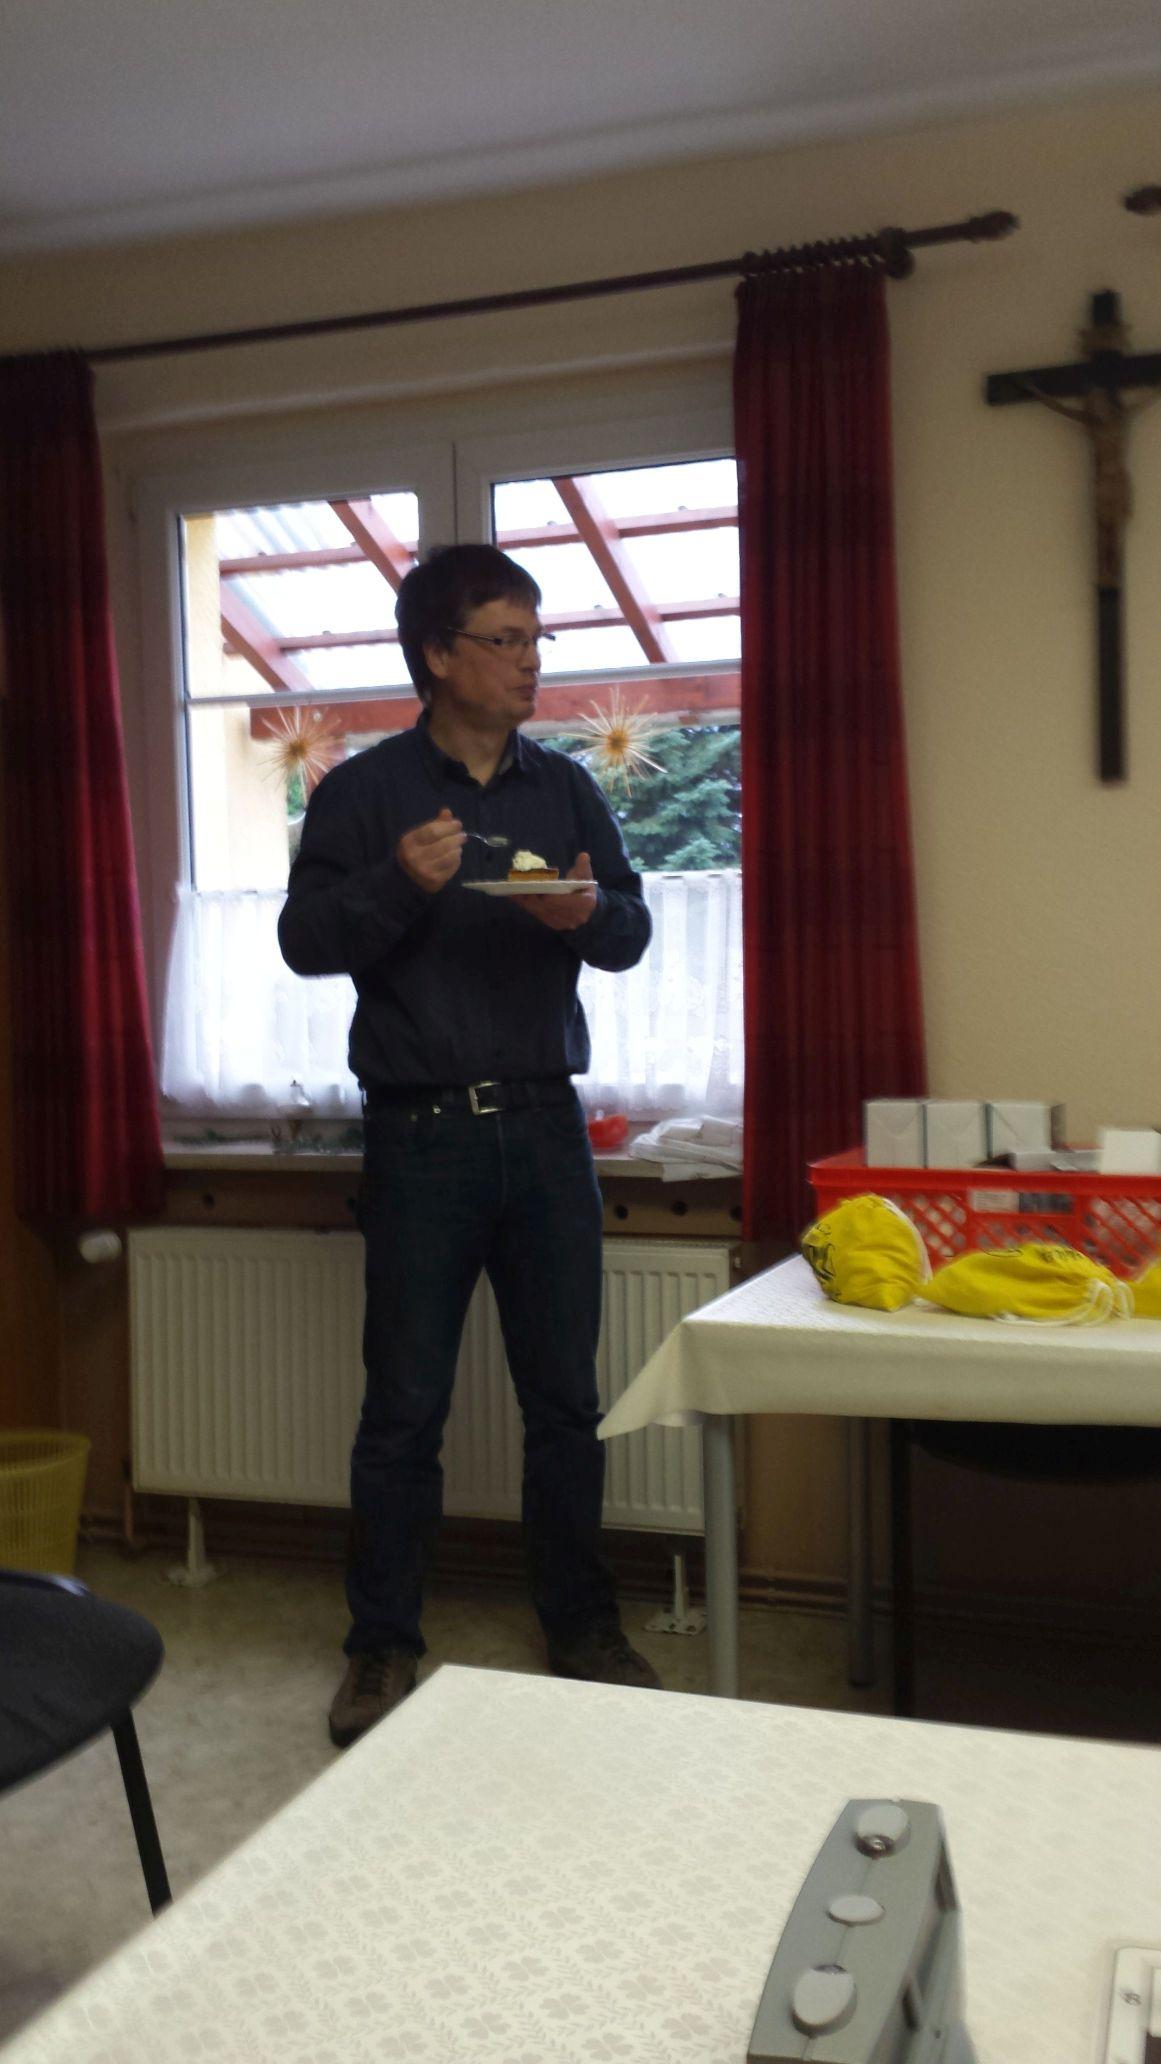 Der Vereinsschef widmet sich dem Käsekuchen